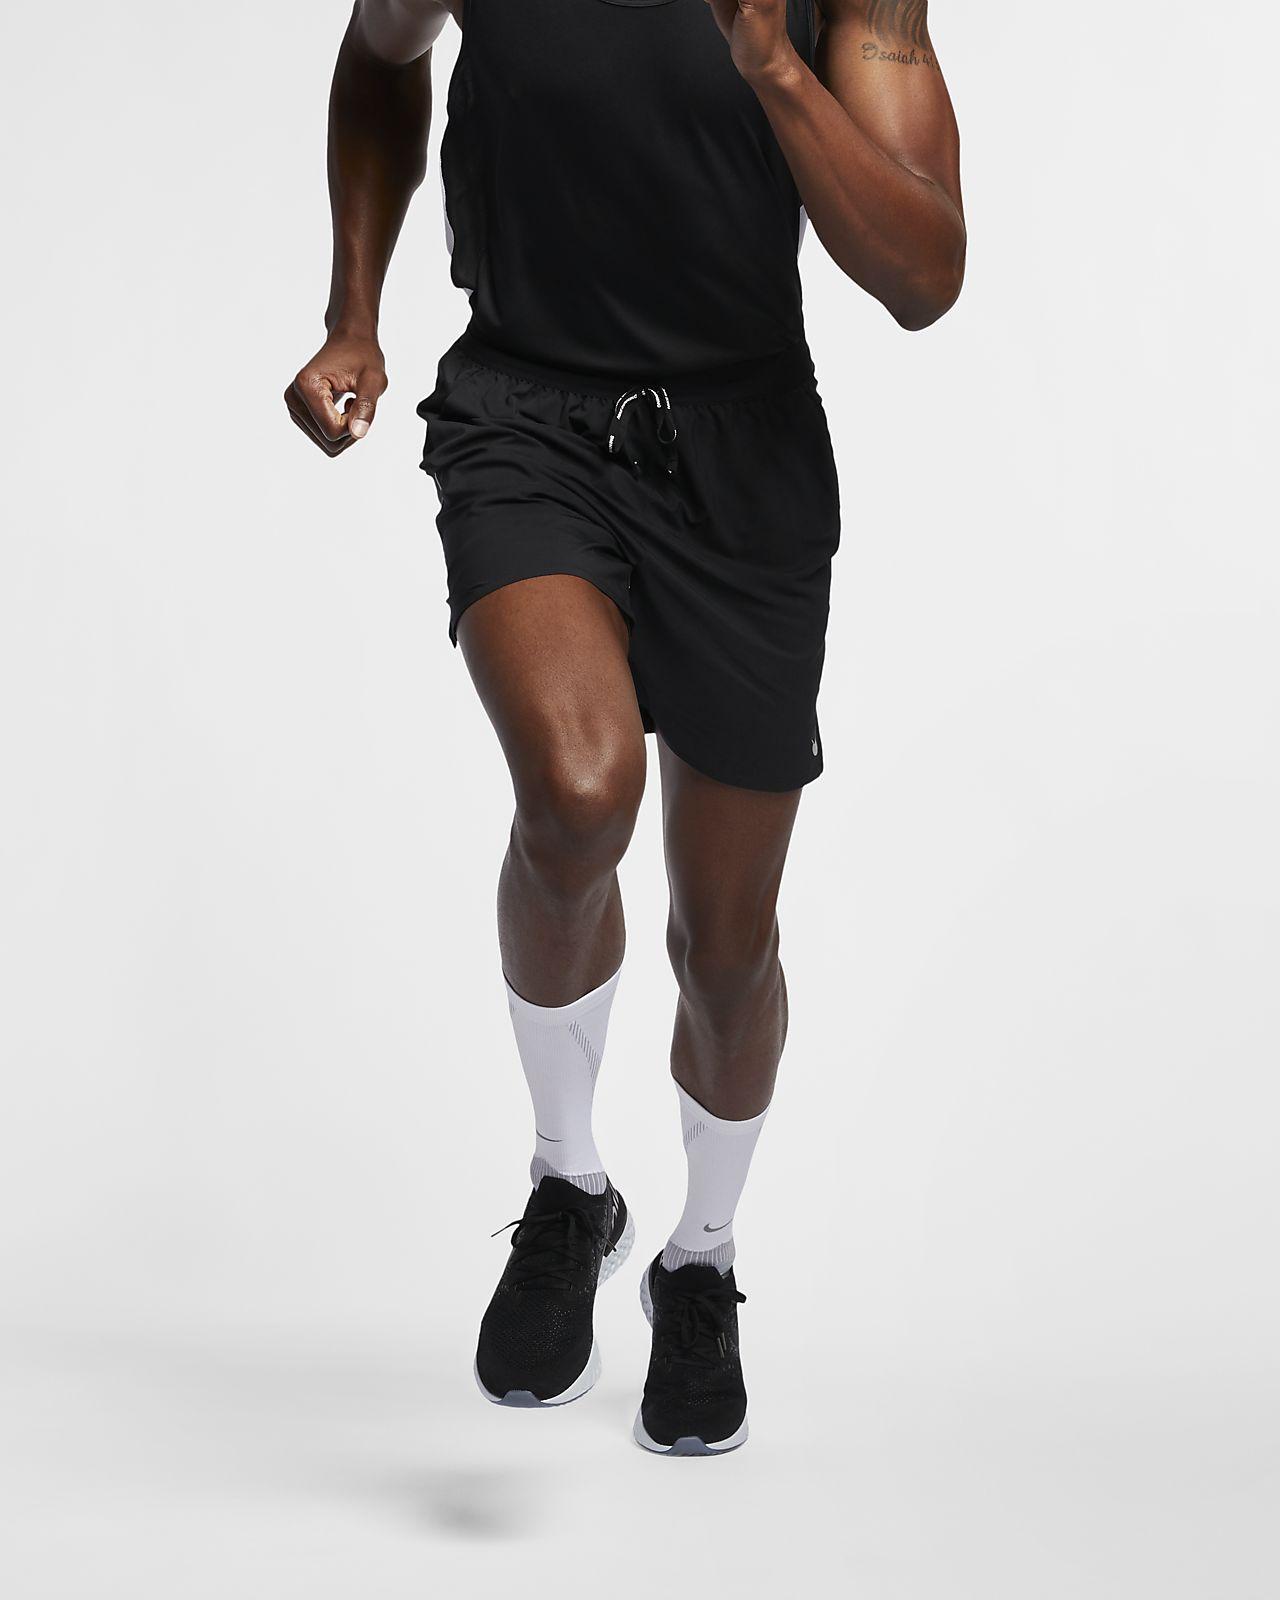 กางเกงวิ่งขาสั้น 7 นิ้ว 2-in-1 ผู้ชาย Nike Dri-FIT Flex Stride